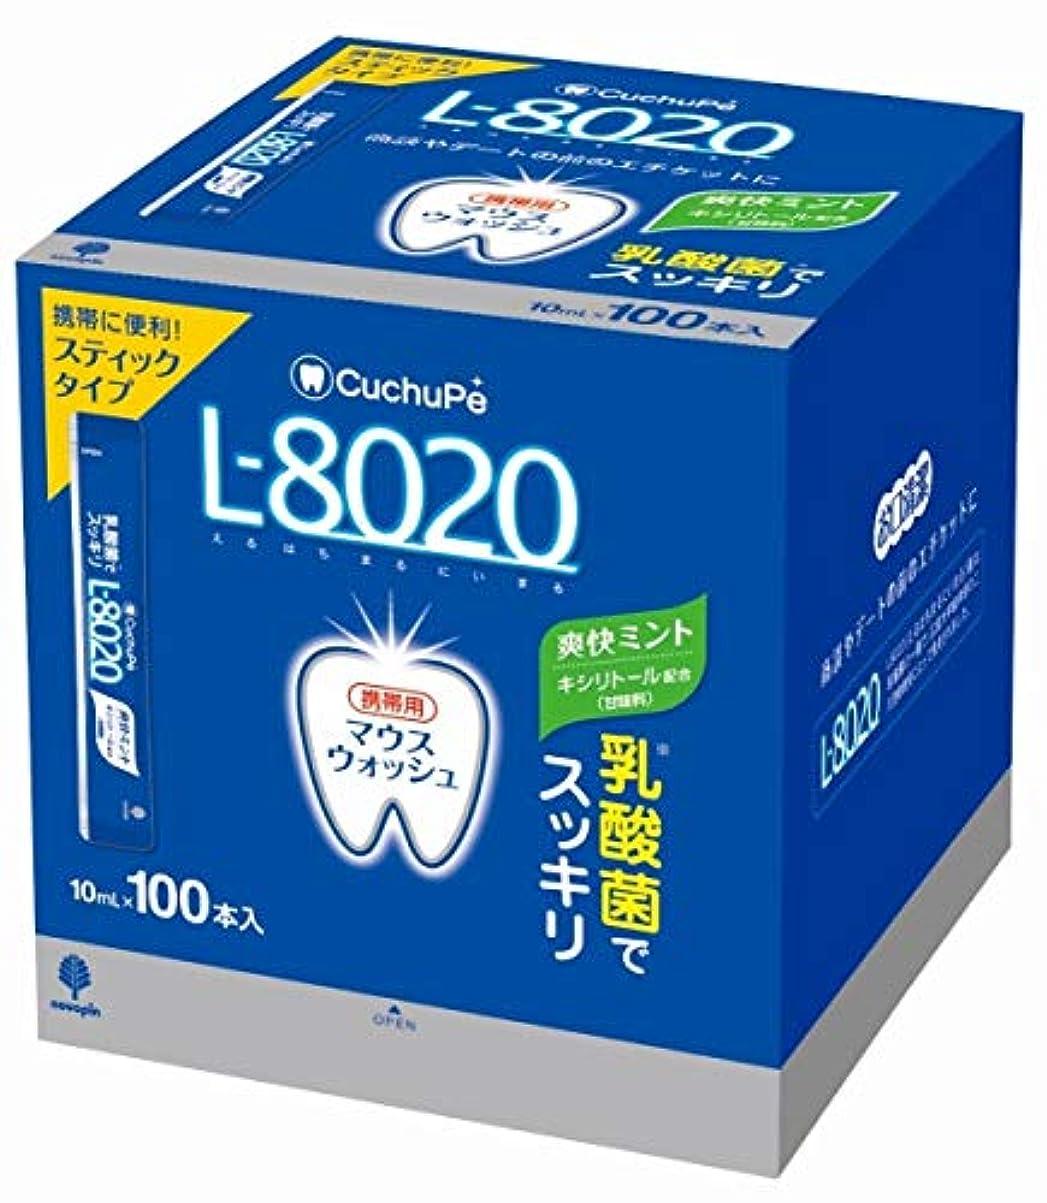 おしゃれじゃないクローン鳴り響く日本製 made in japan クチュッペL-8020 爽快ミント スティックタイプ100本入(アルコール) K-7091【まとめ買い10個セット】